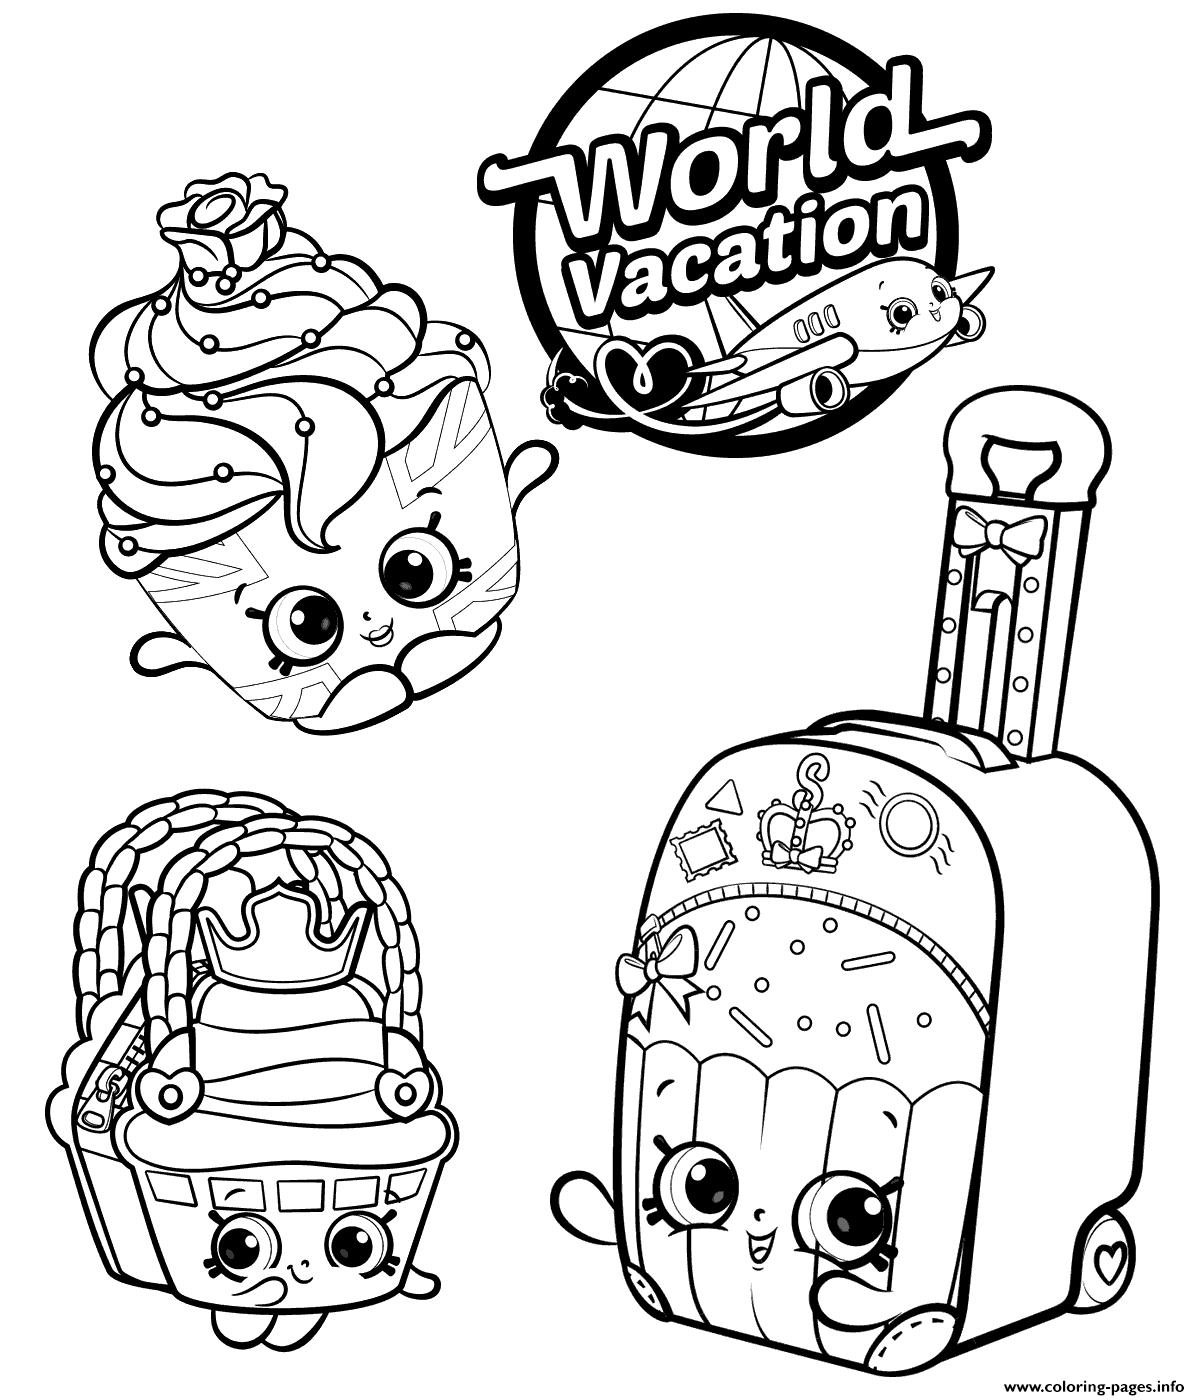 Print Shopkins 8 Season World Vacation Coloring Pages Shopkins Colouring Pages Coloring Pages Shopkin Coloring Pages